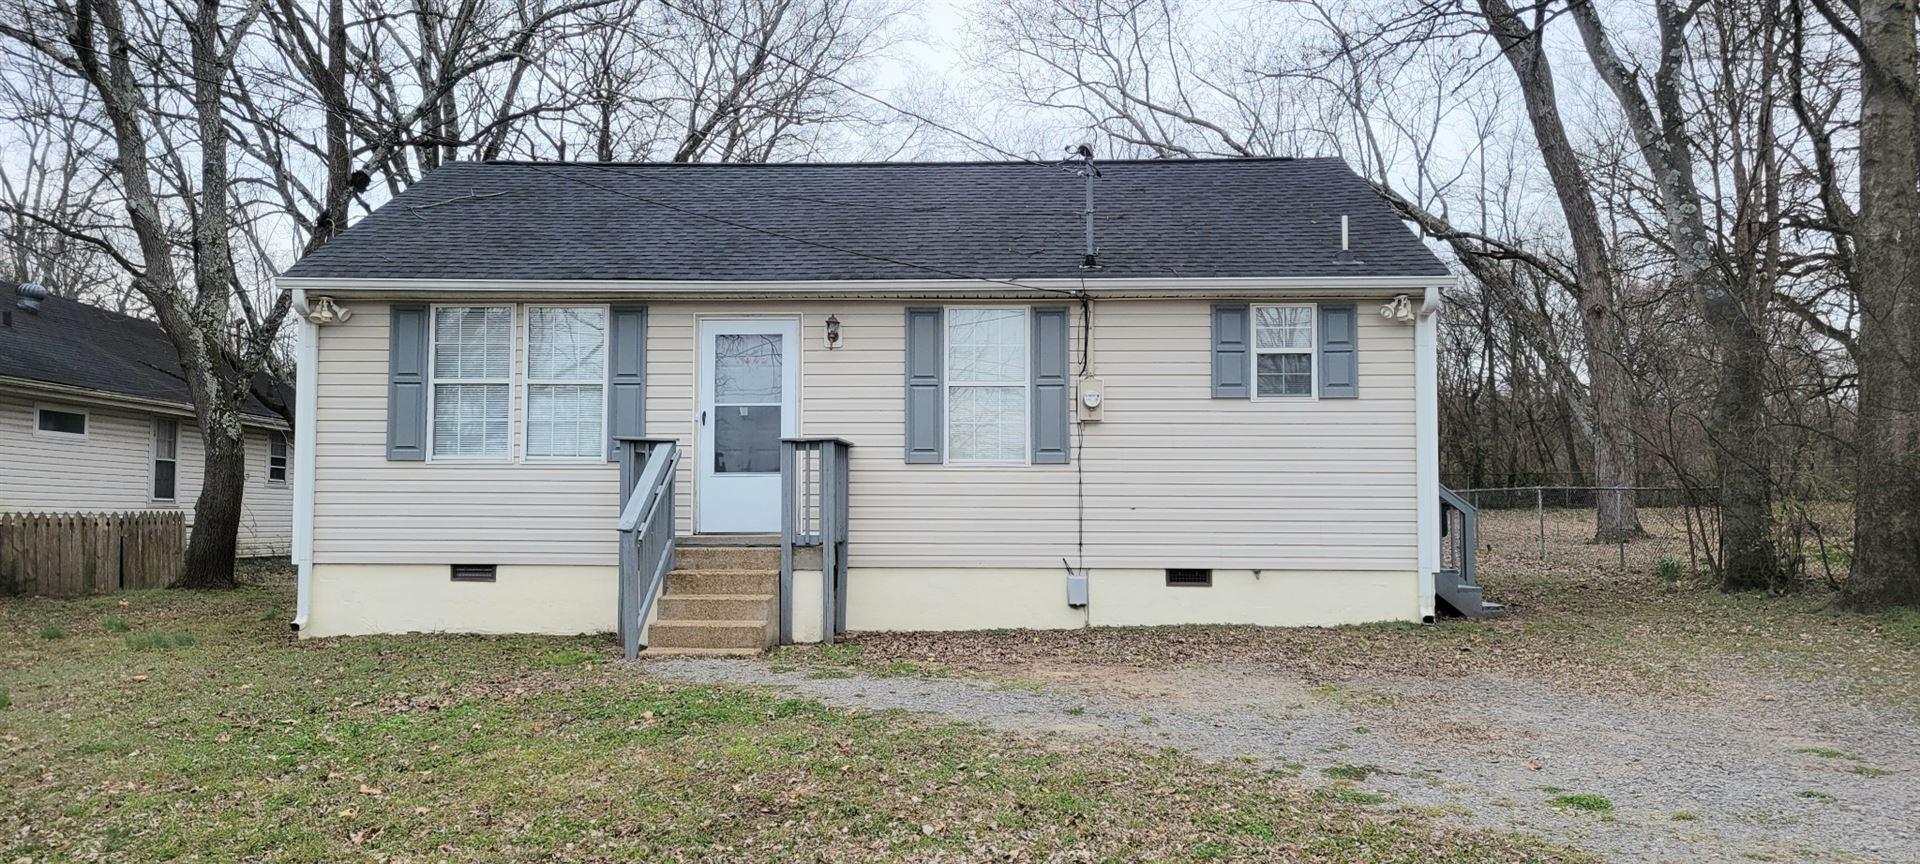 1042 Horseshoe Dr, Nashville, TN 37216 - MLS#: 2228880